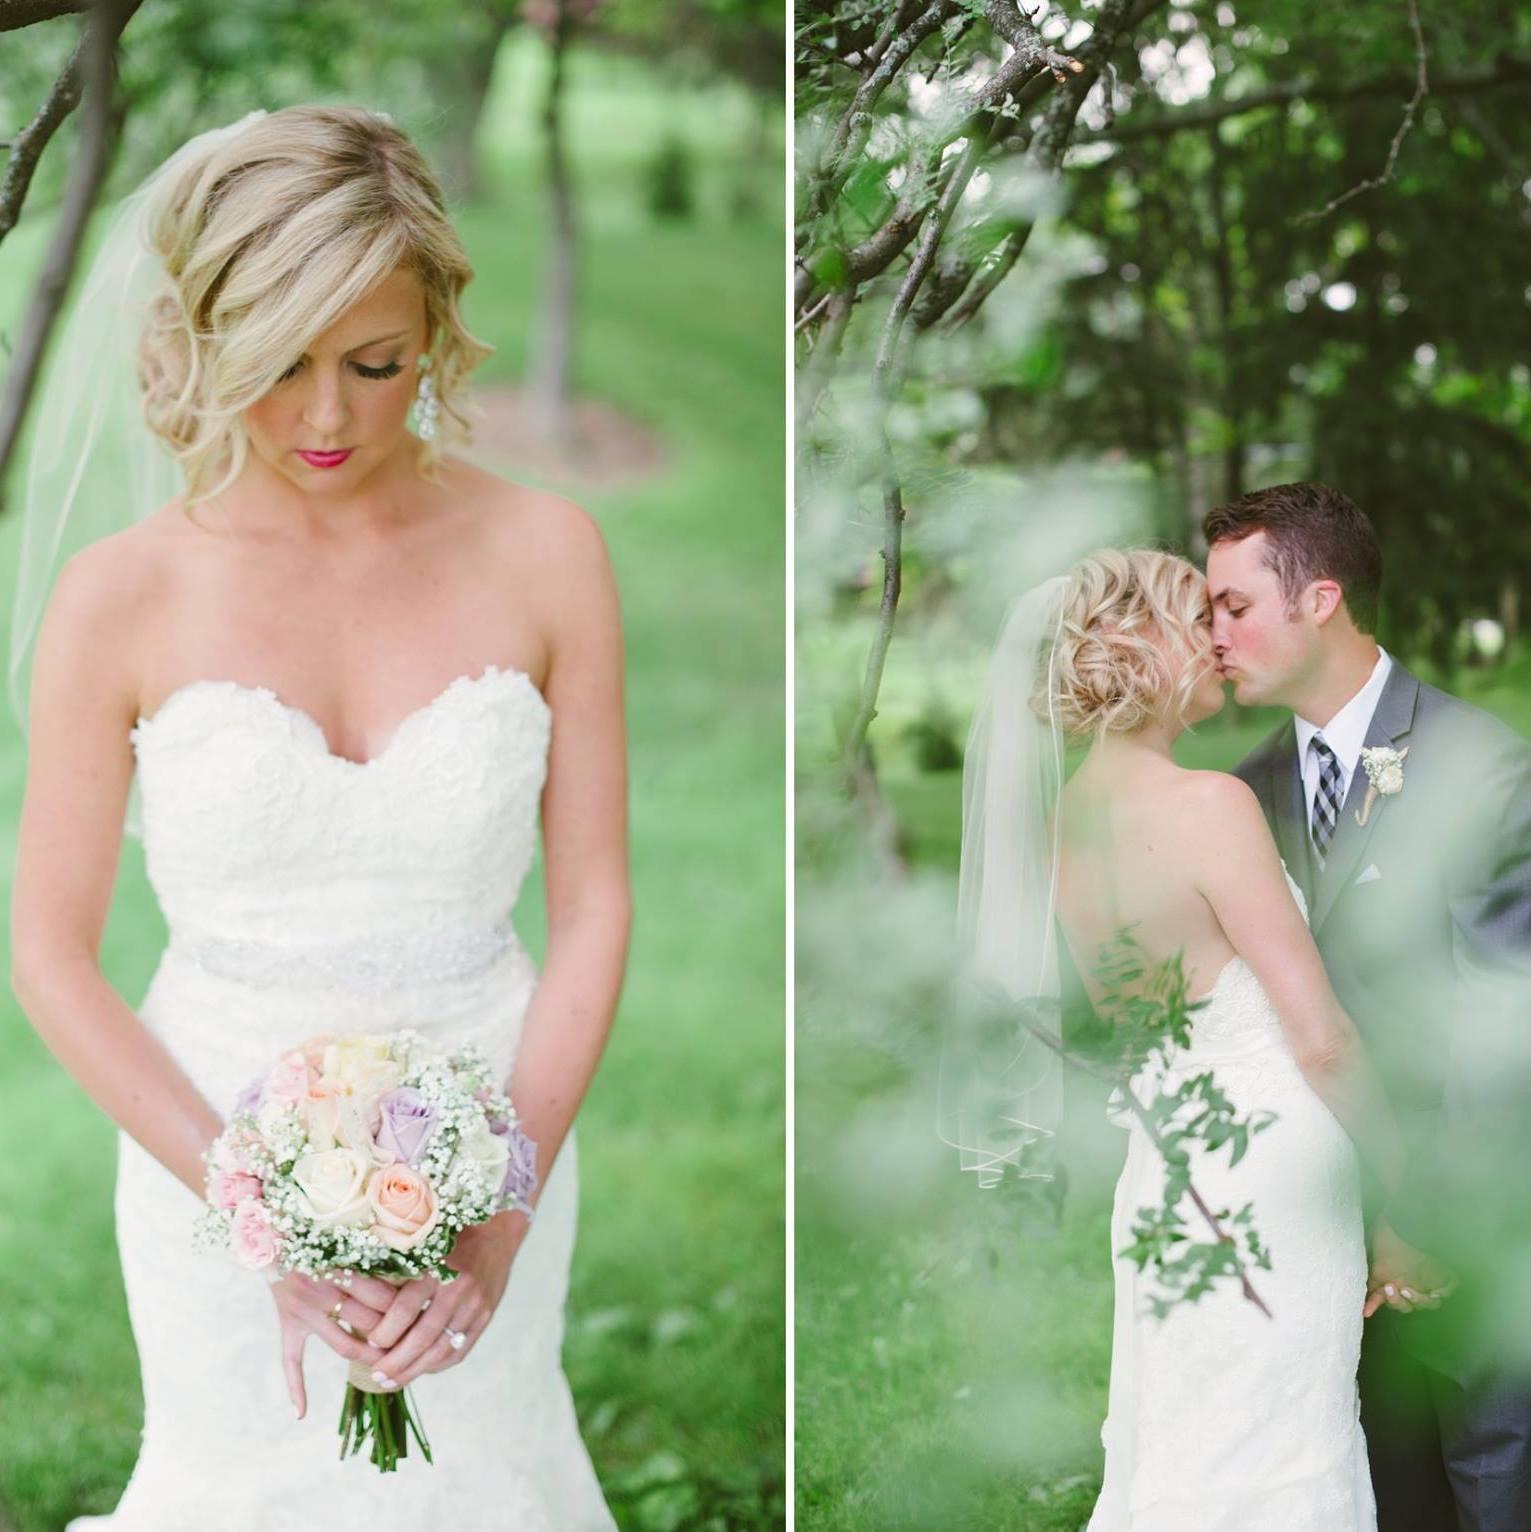 Ashley West Photography